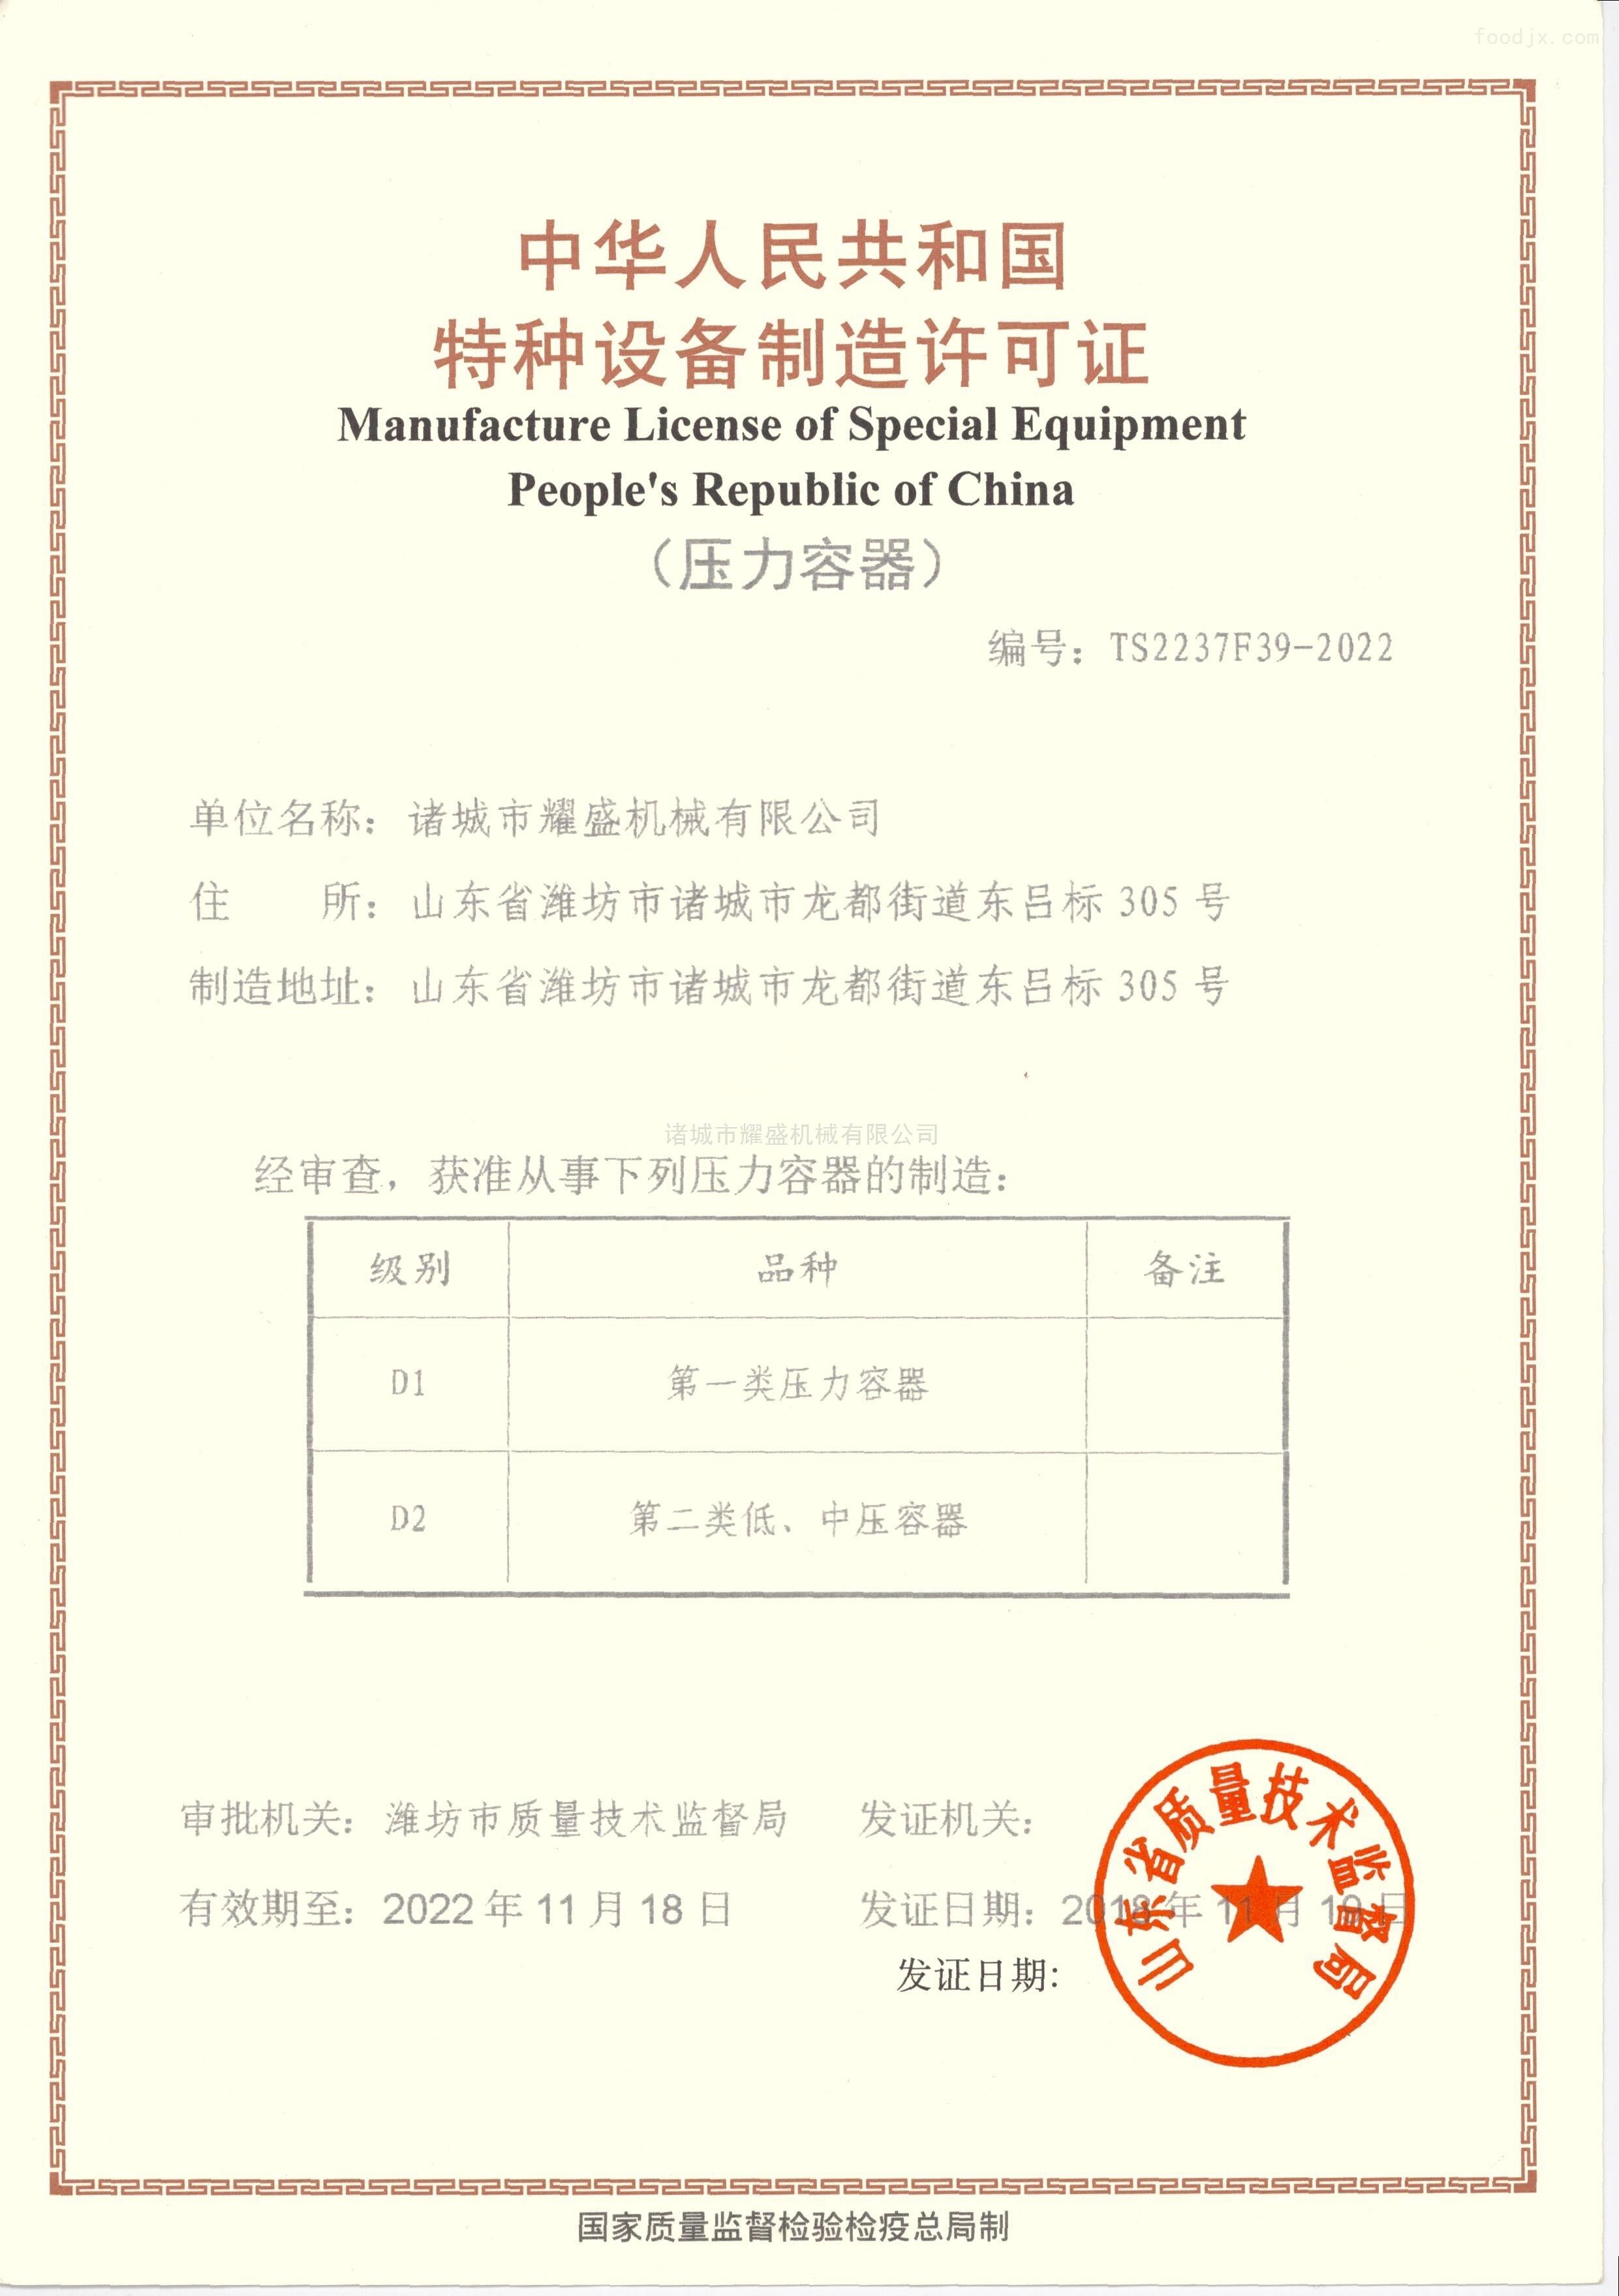 中华人名共和国特种设备制造许可证